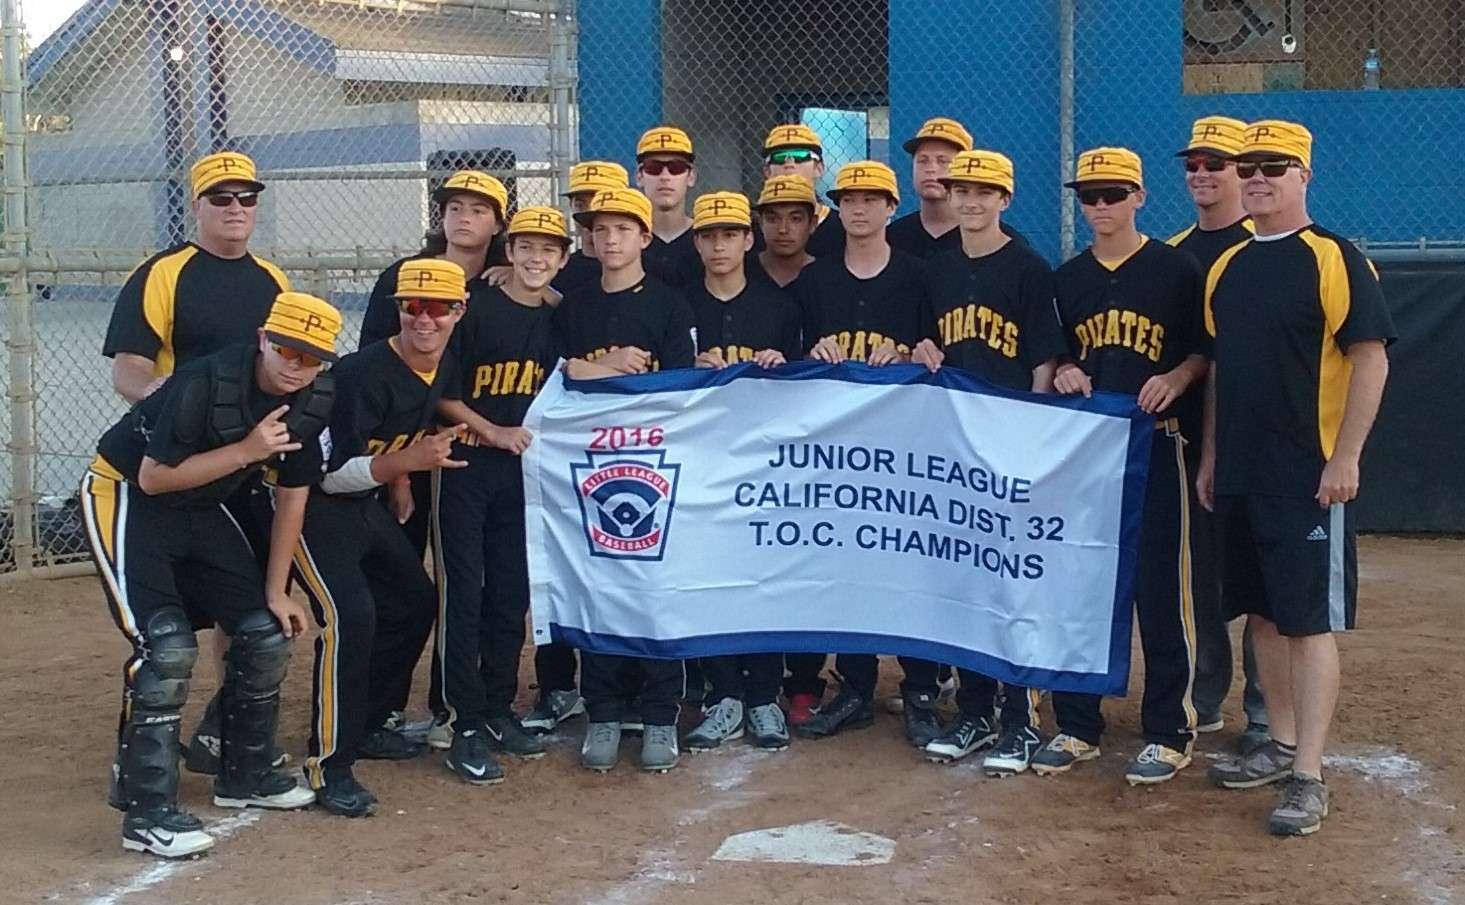 2016 juniors toc